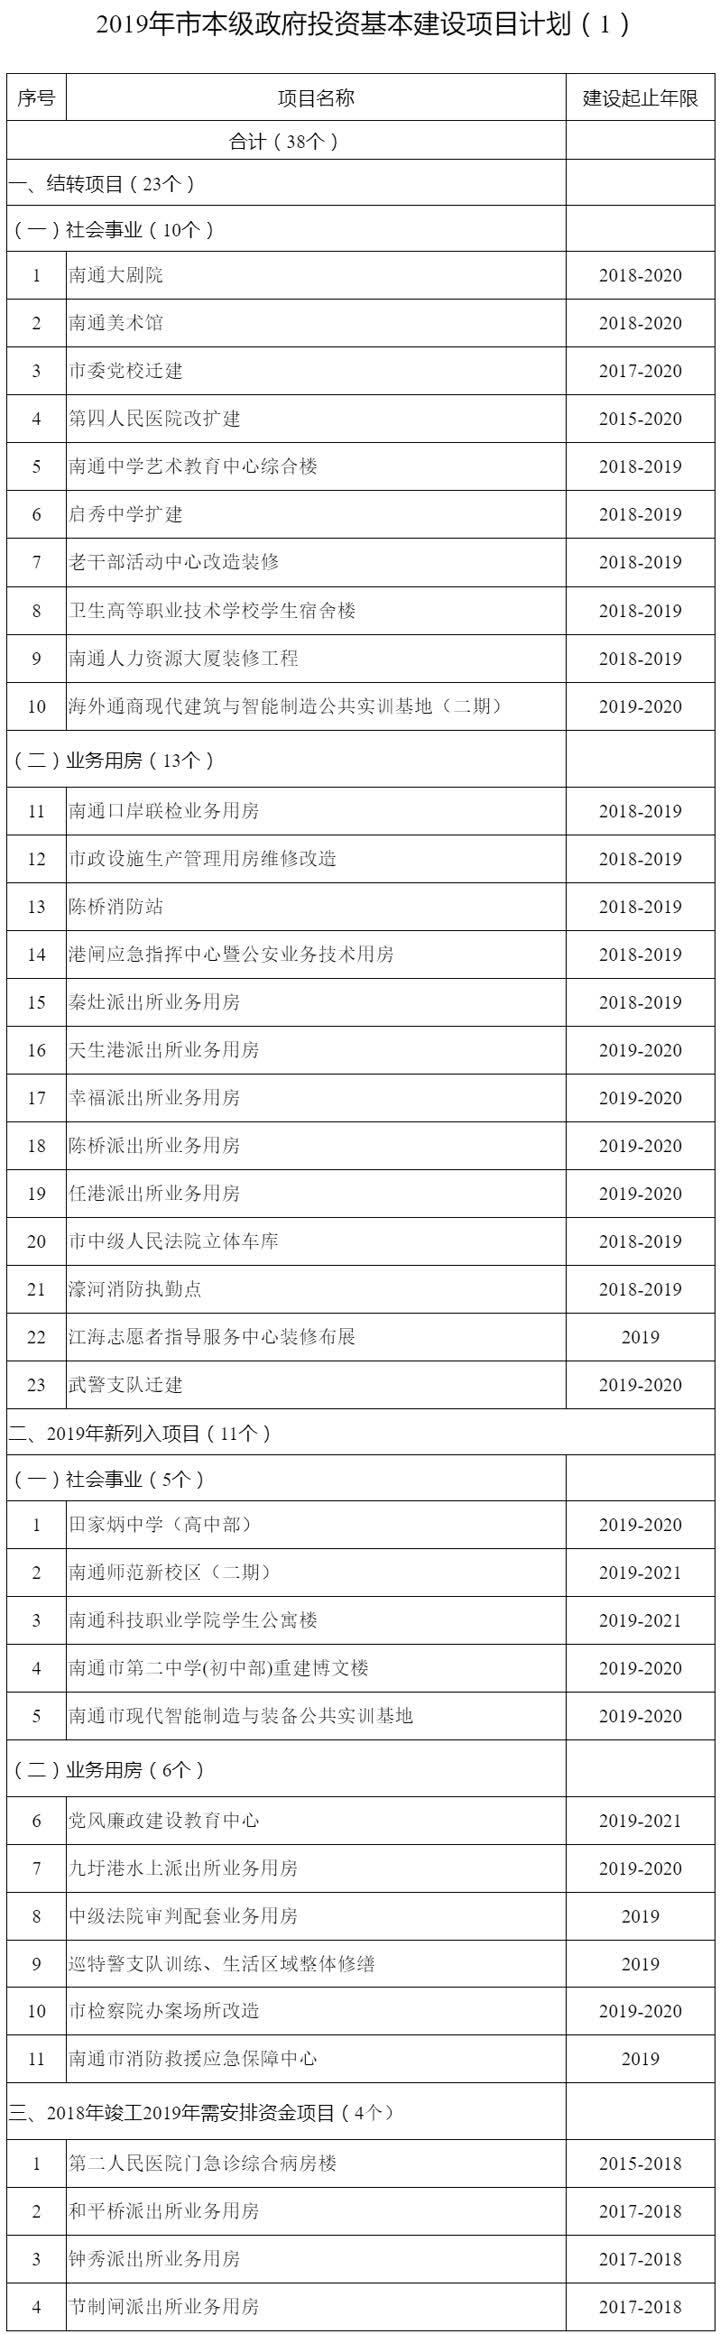 南通市2019年度市本级政府投资项目计划发布